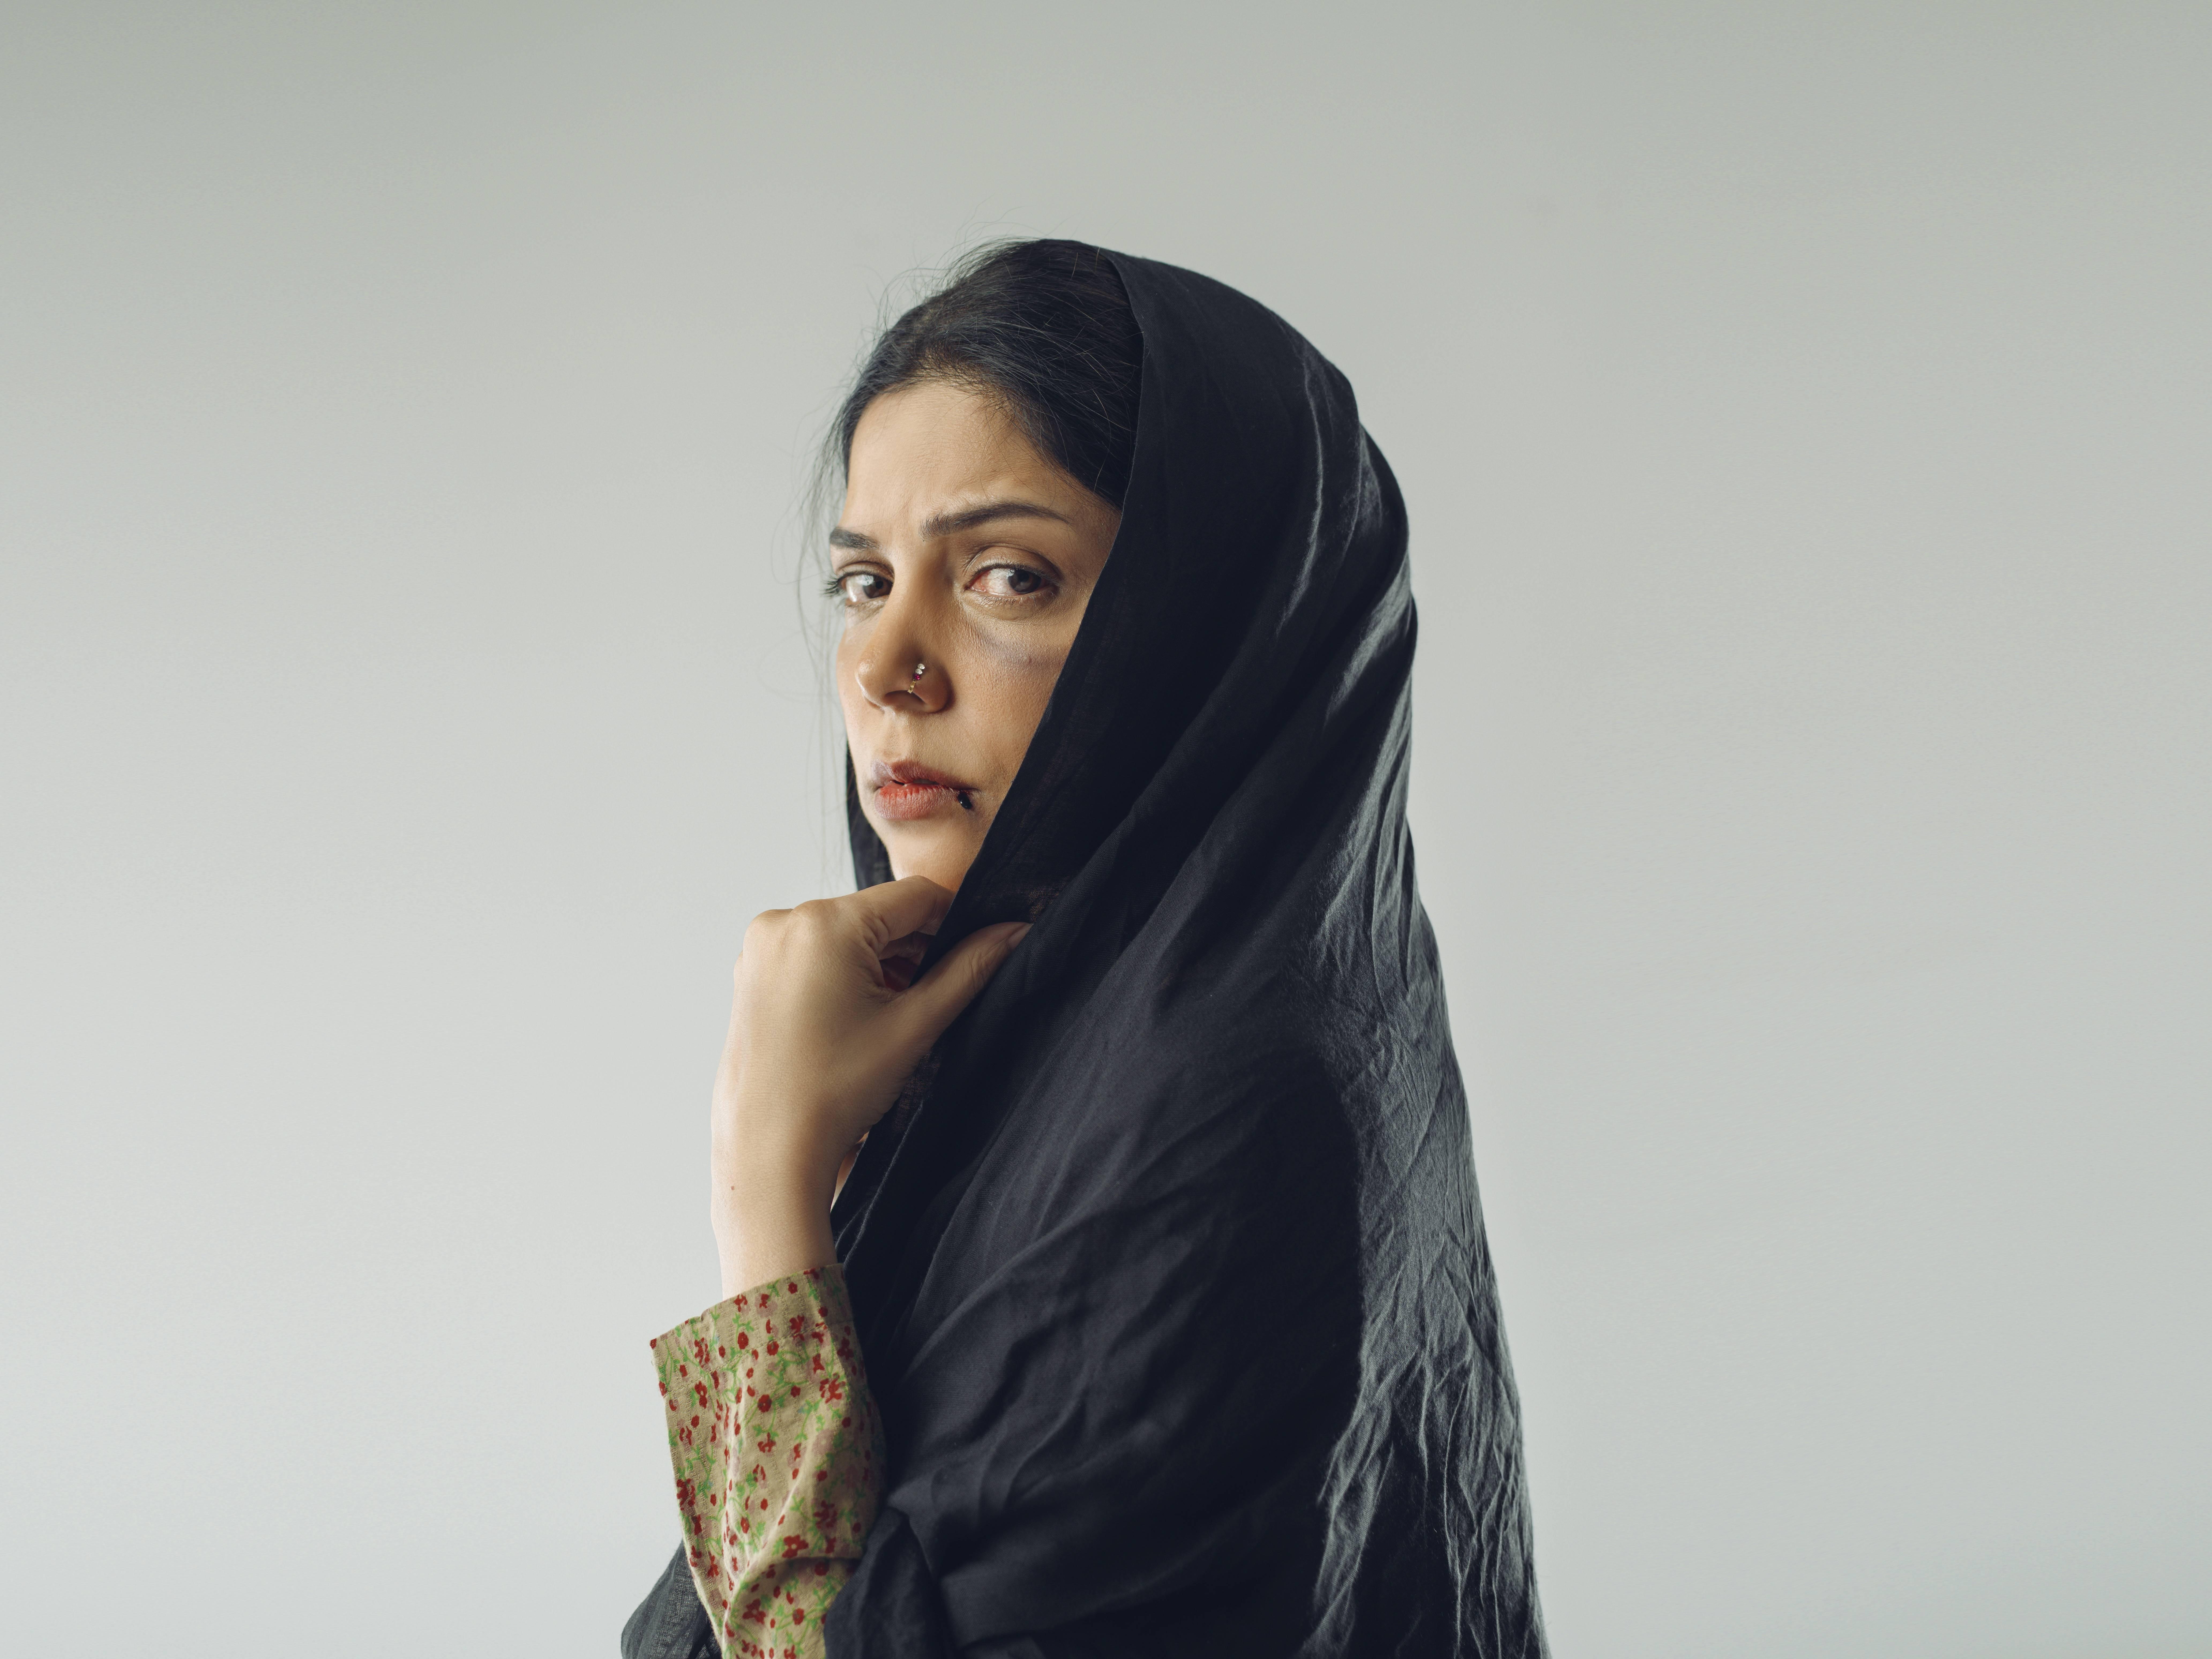 Hadiqa-Kiani